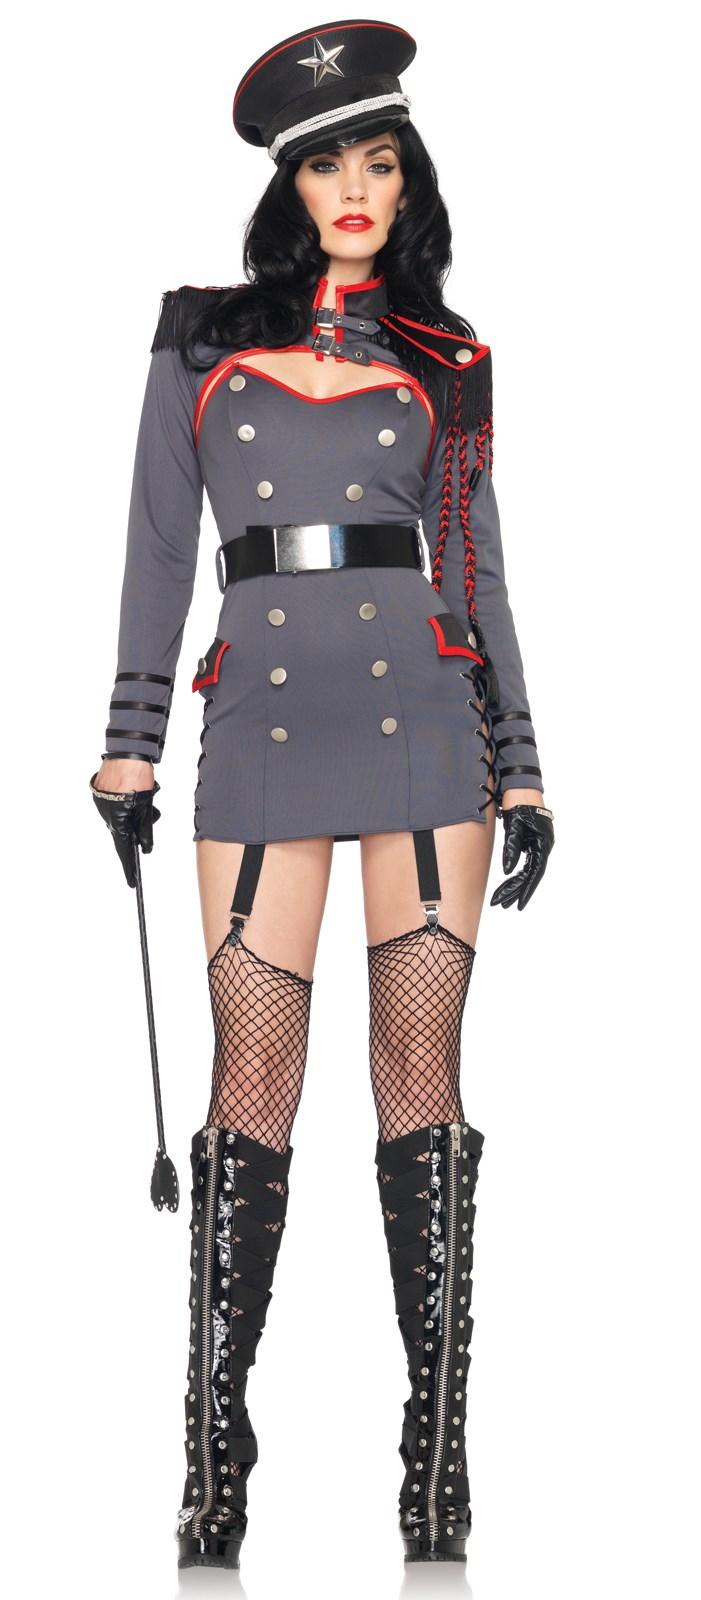 General Punishment Adult Costume